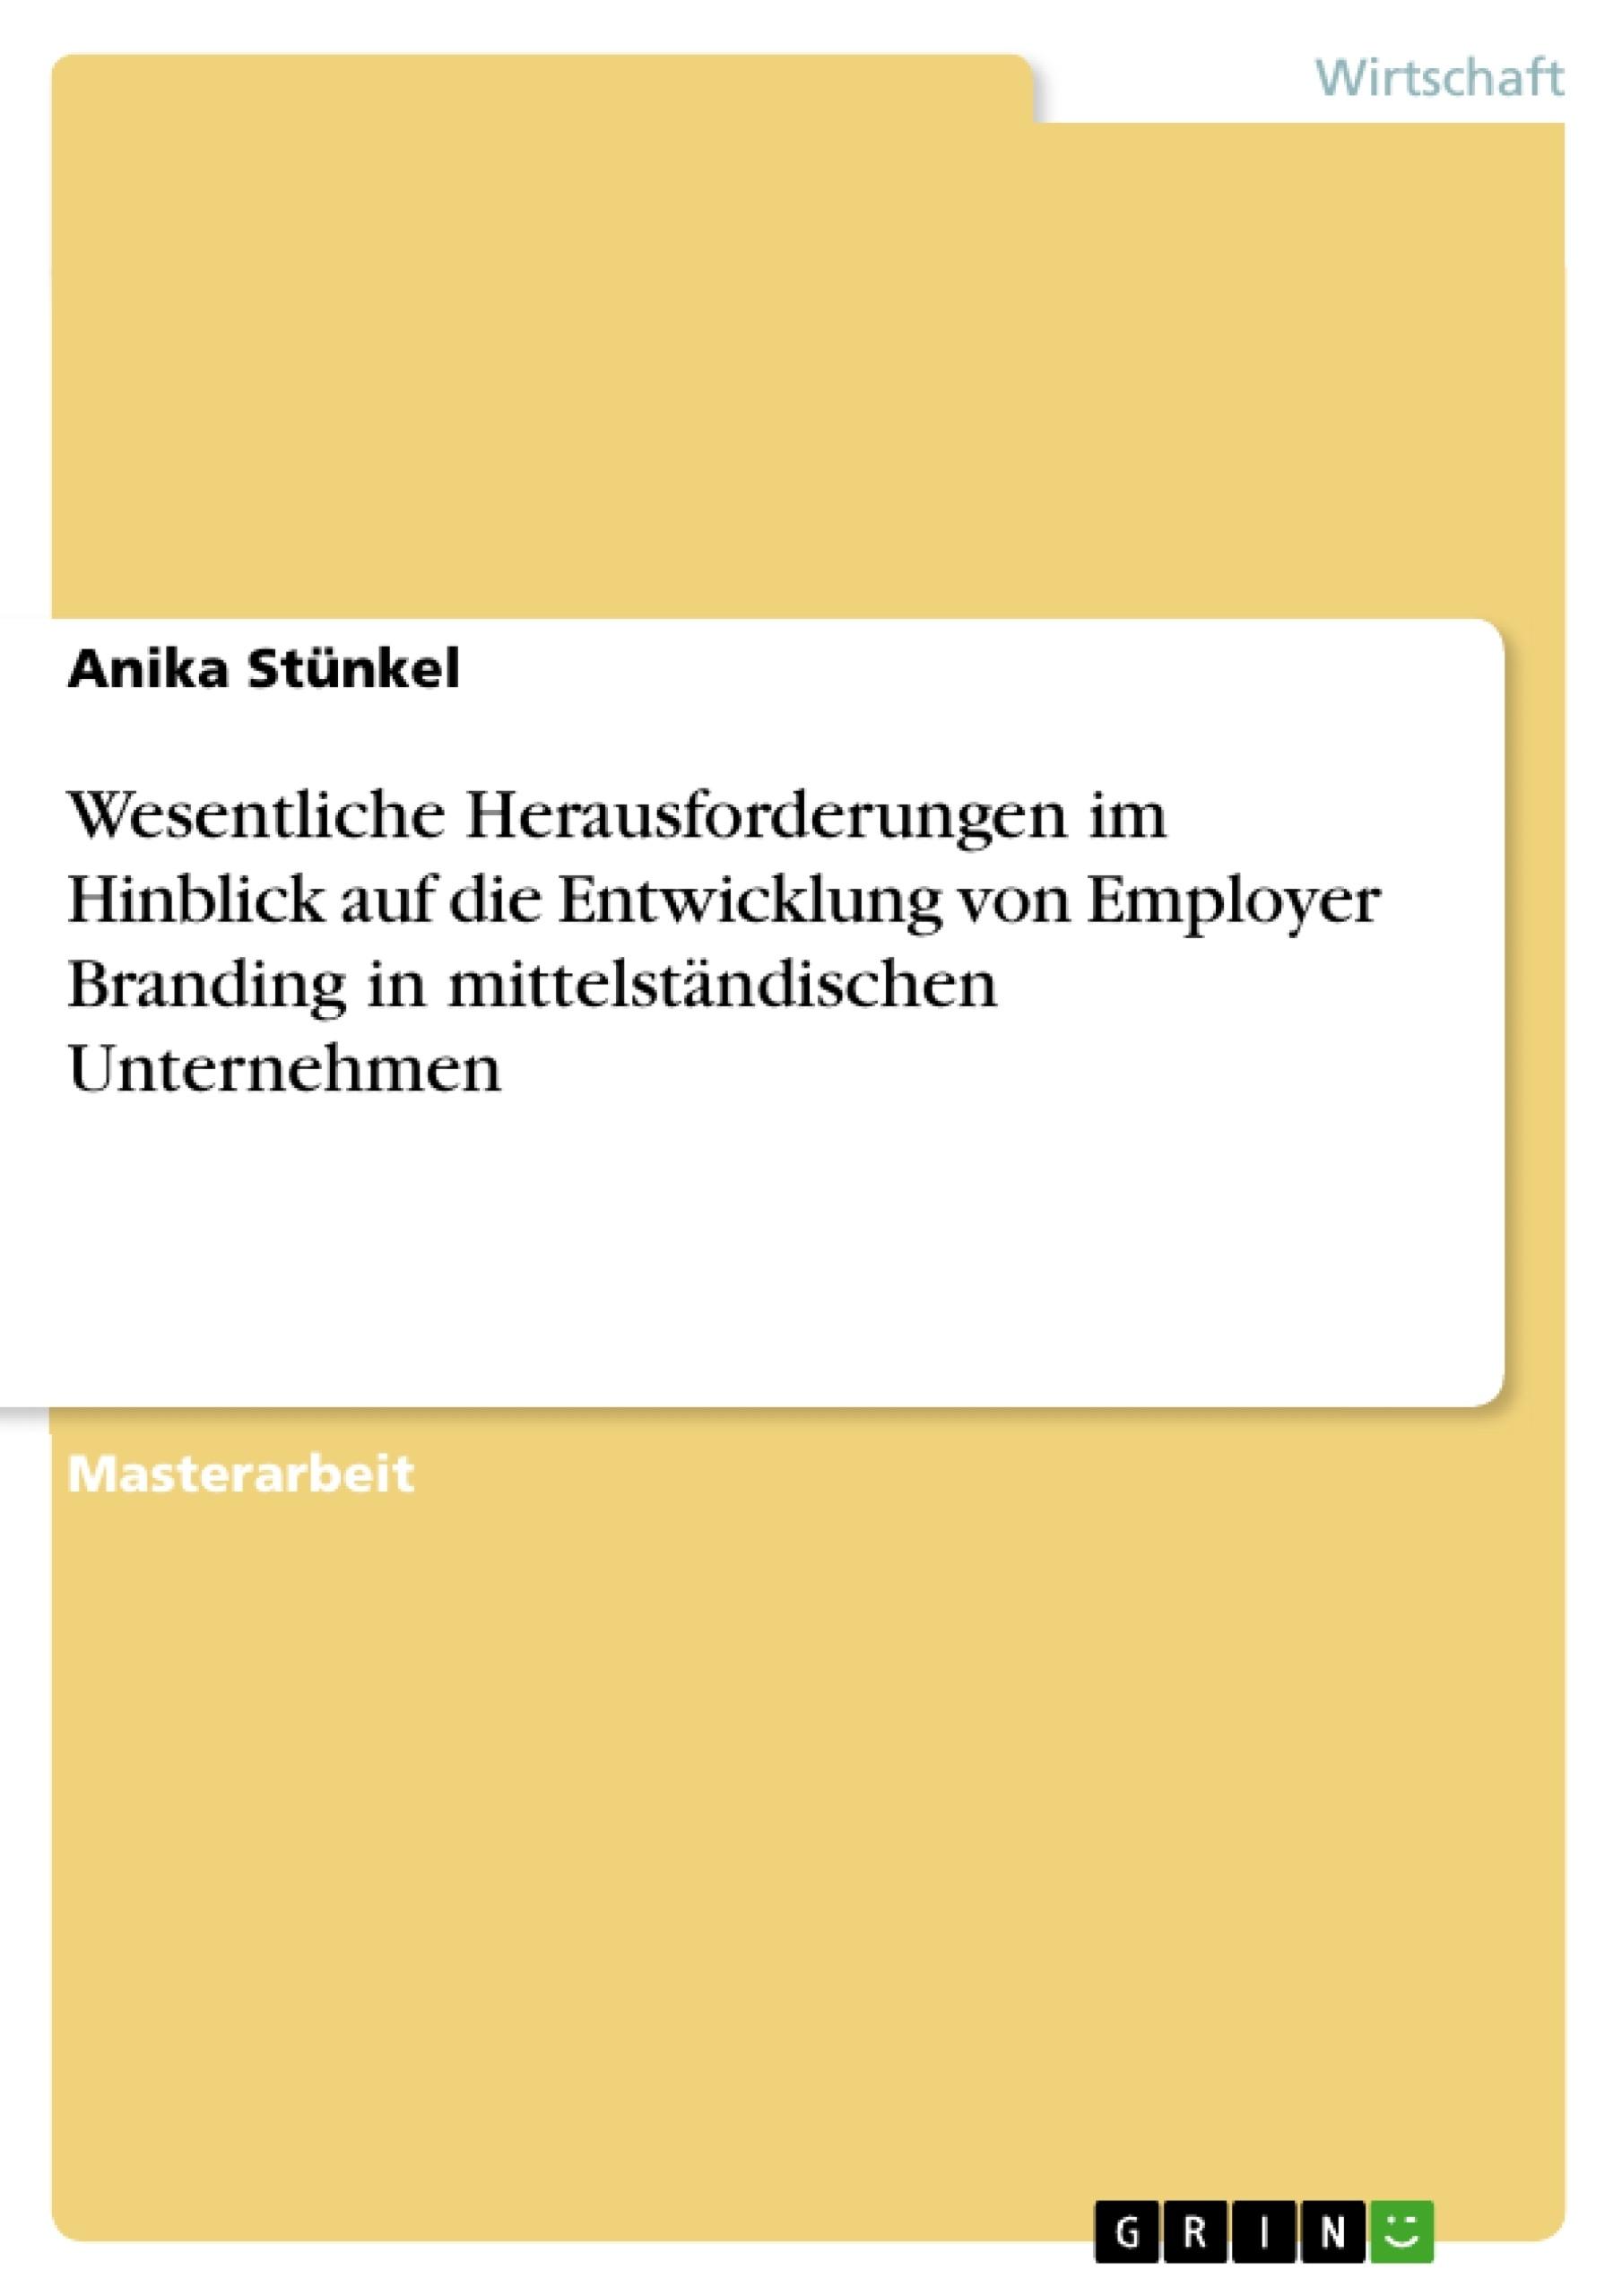 Titel: Wesentliche Herausforderungen im Hinblick auf die Entwicklung von Employer Branding in mittelständischen Unternehmen